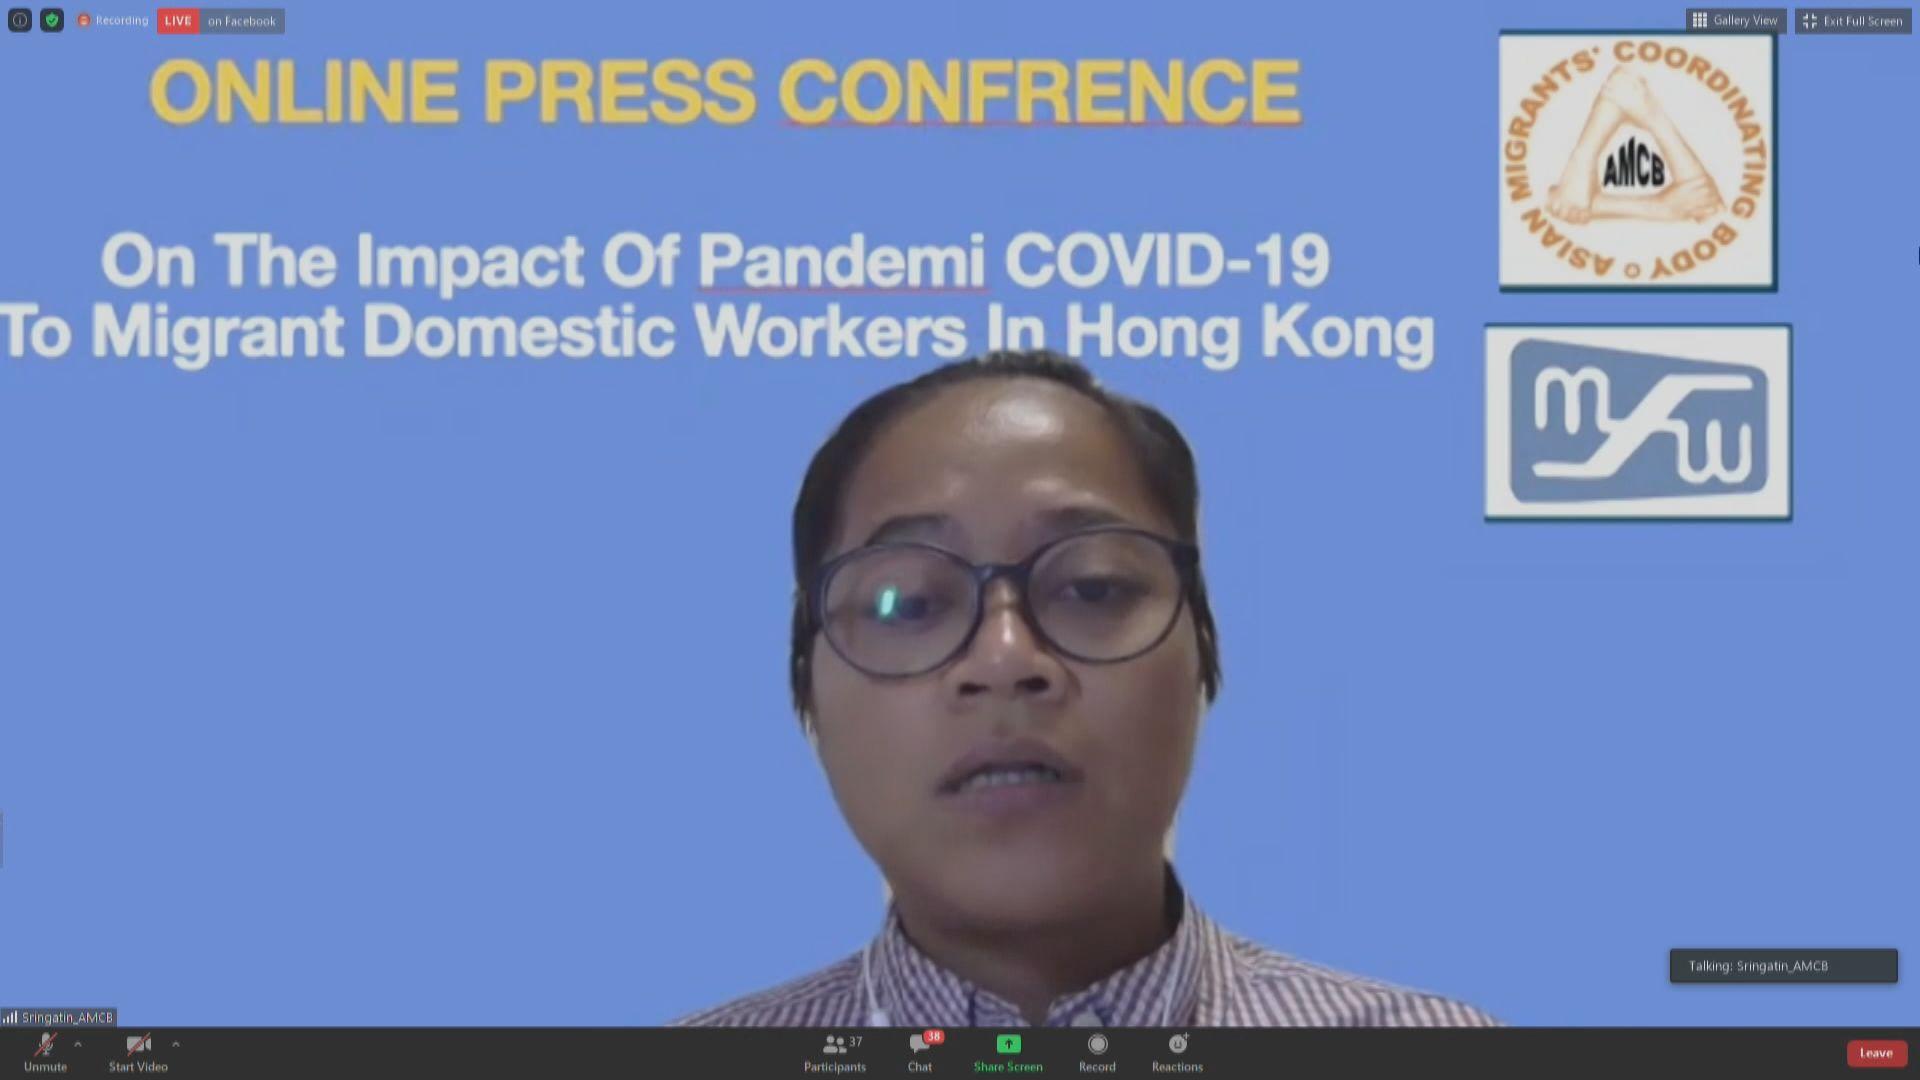 亞洲移居人士聯盟:政府應為在港工作的外傭提供住宿